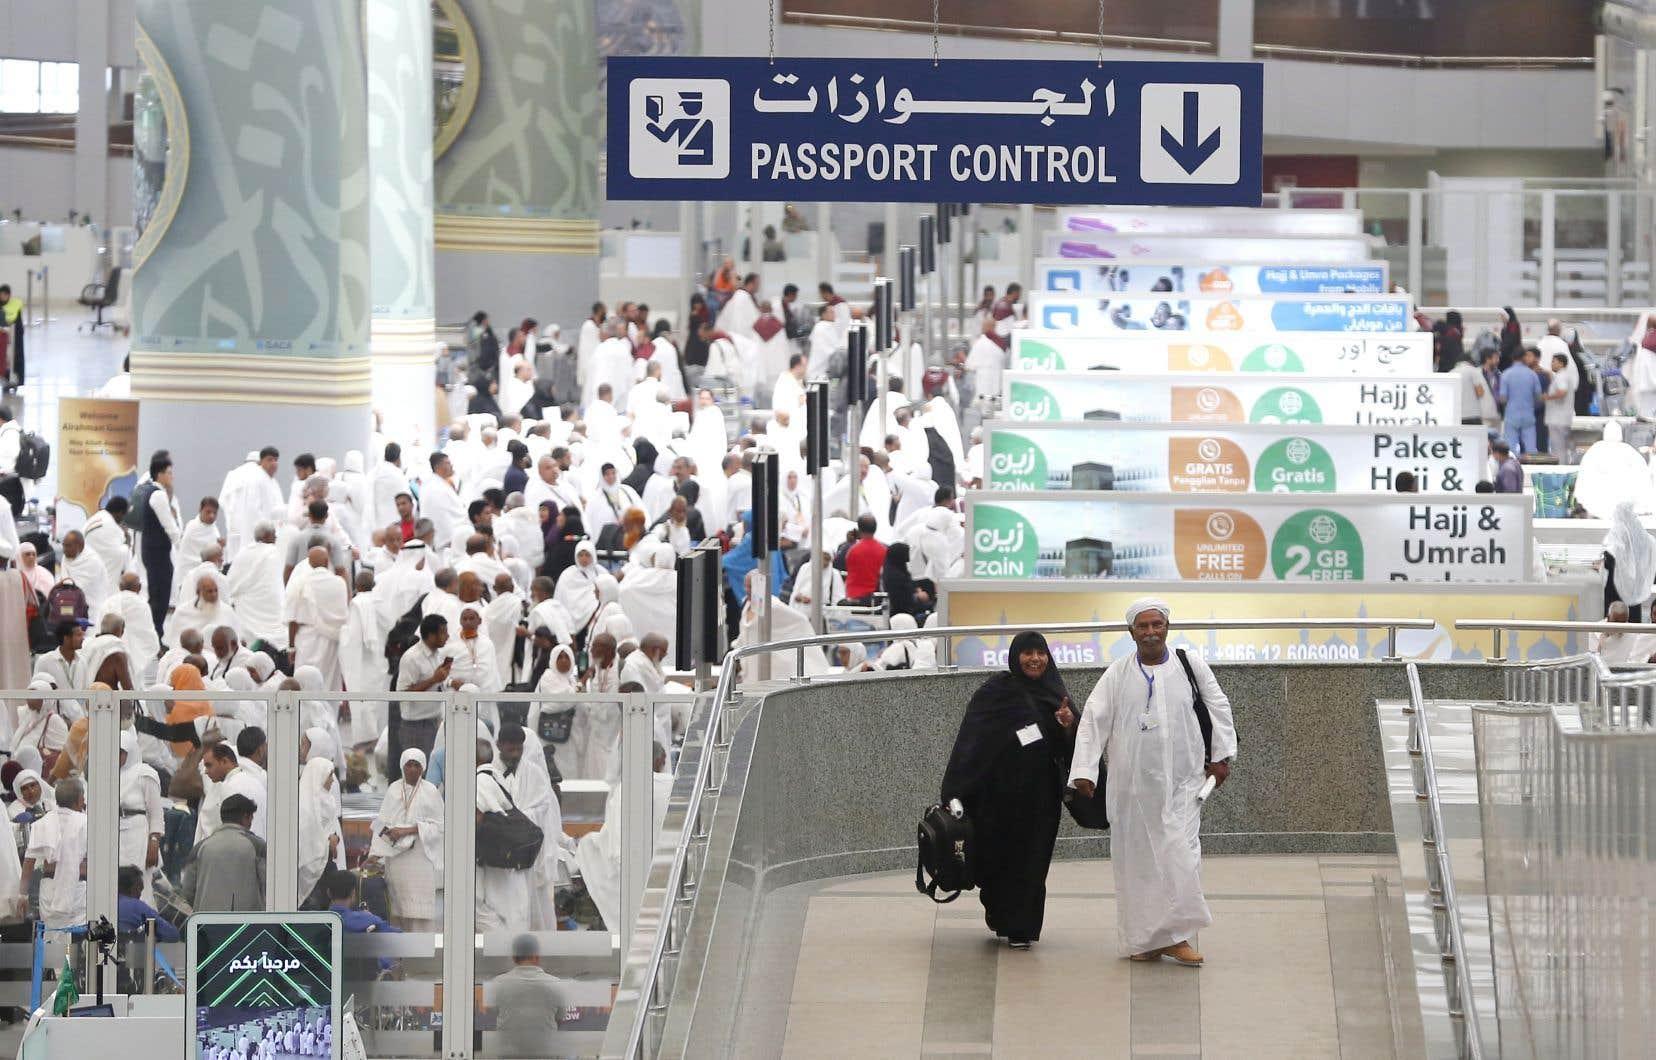 Les fidèles arrivant par les airs atterrissent aux aéroports de Médine ou de Jeddah (sur la photo), près de LaMecque. Les voyageurs disposant d'un visa «pèlerinage» ne sont pas autorisés à pénétrer en Arabie saoudite par un autre aéroport.